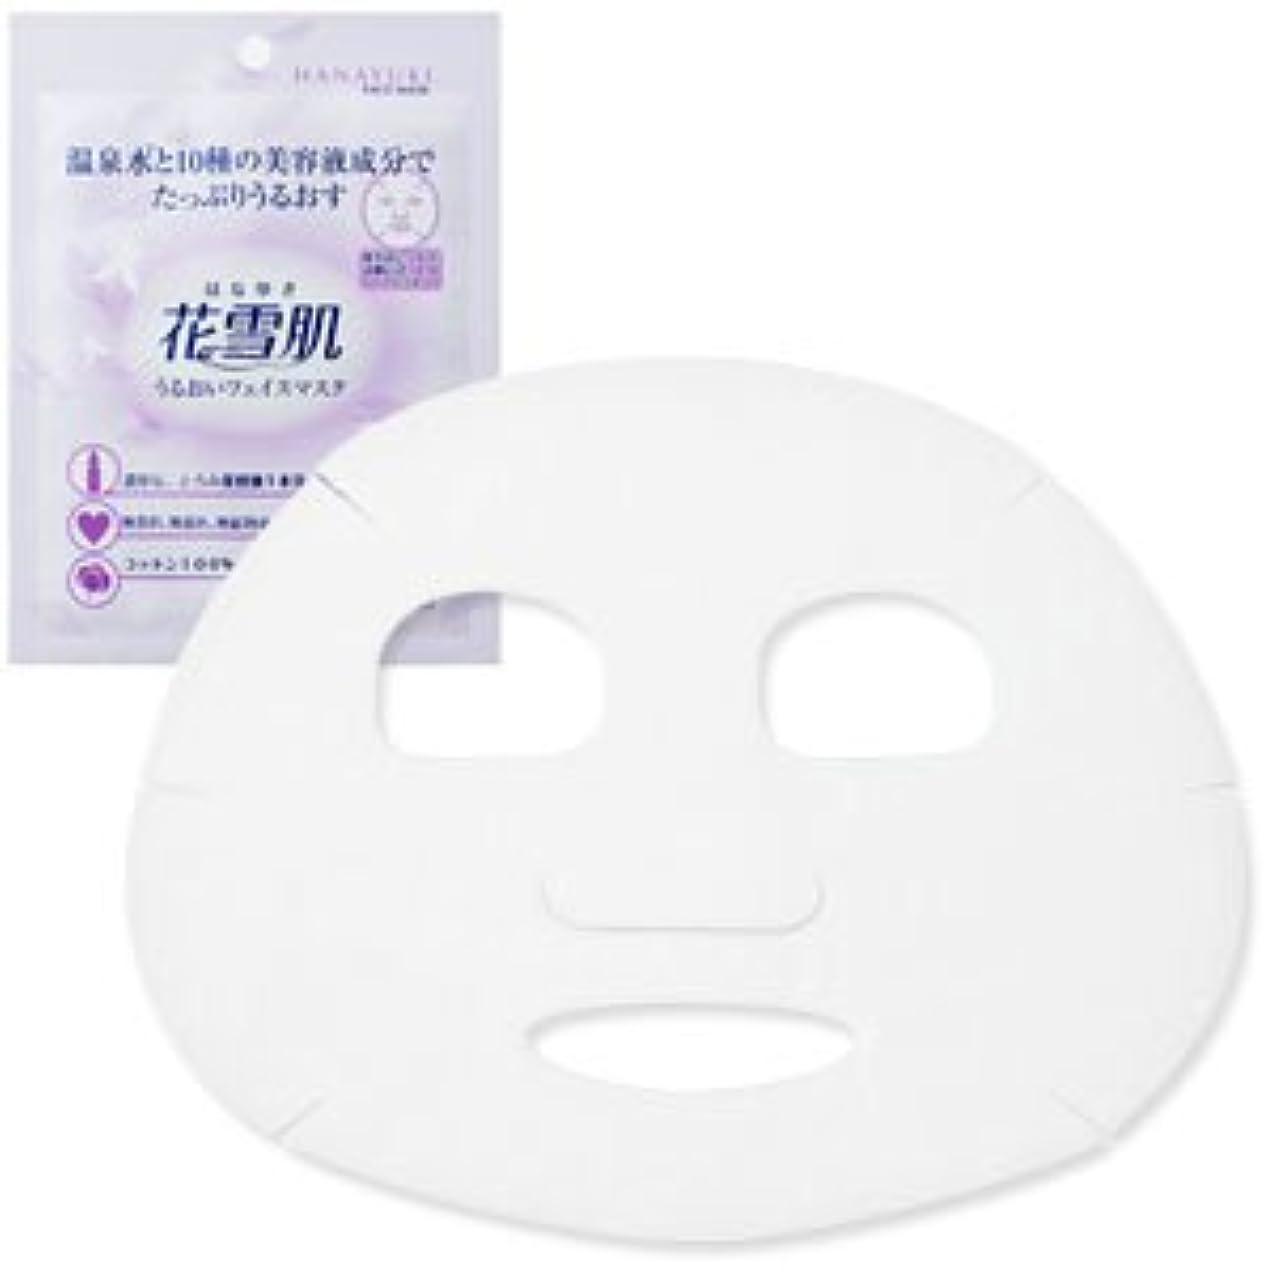 百テスト個人的に花雪肌 うるおいフェイスマスク 10枚セット [10種類の美容液成分を配合] ヒアルロン酸 コラーゲン フェイスパック